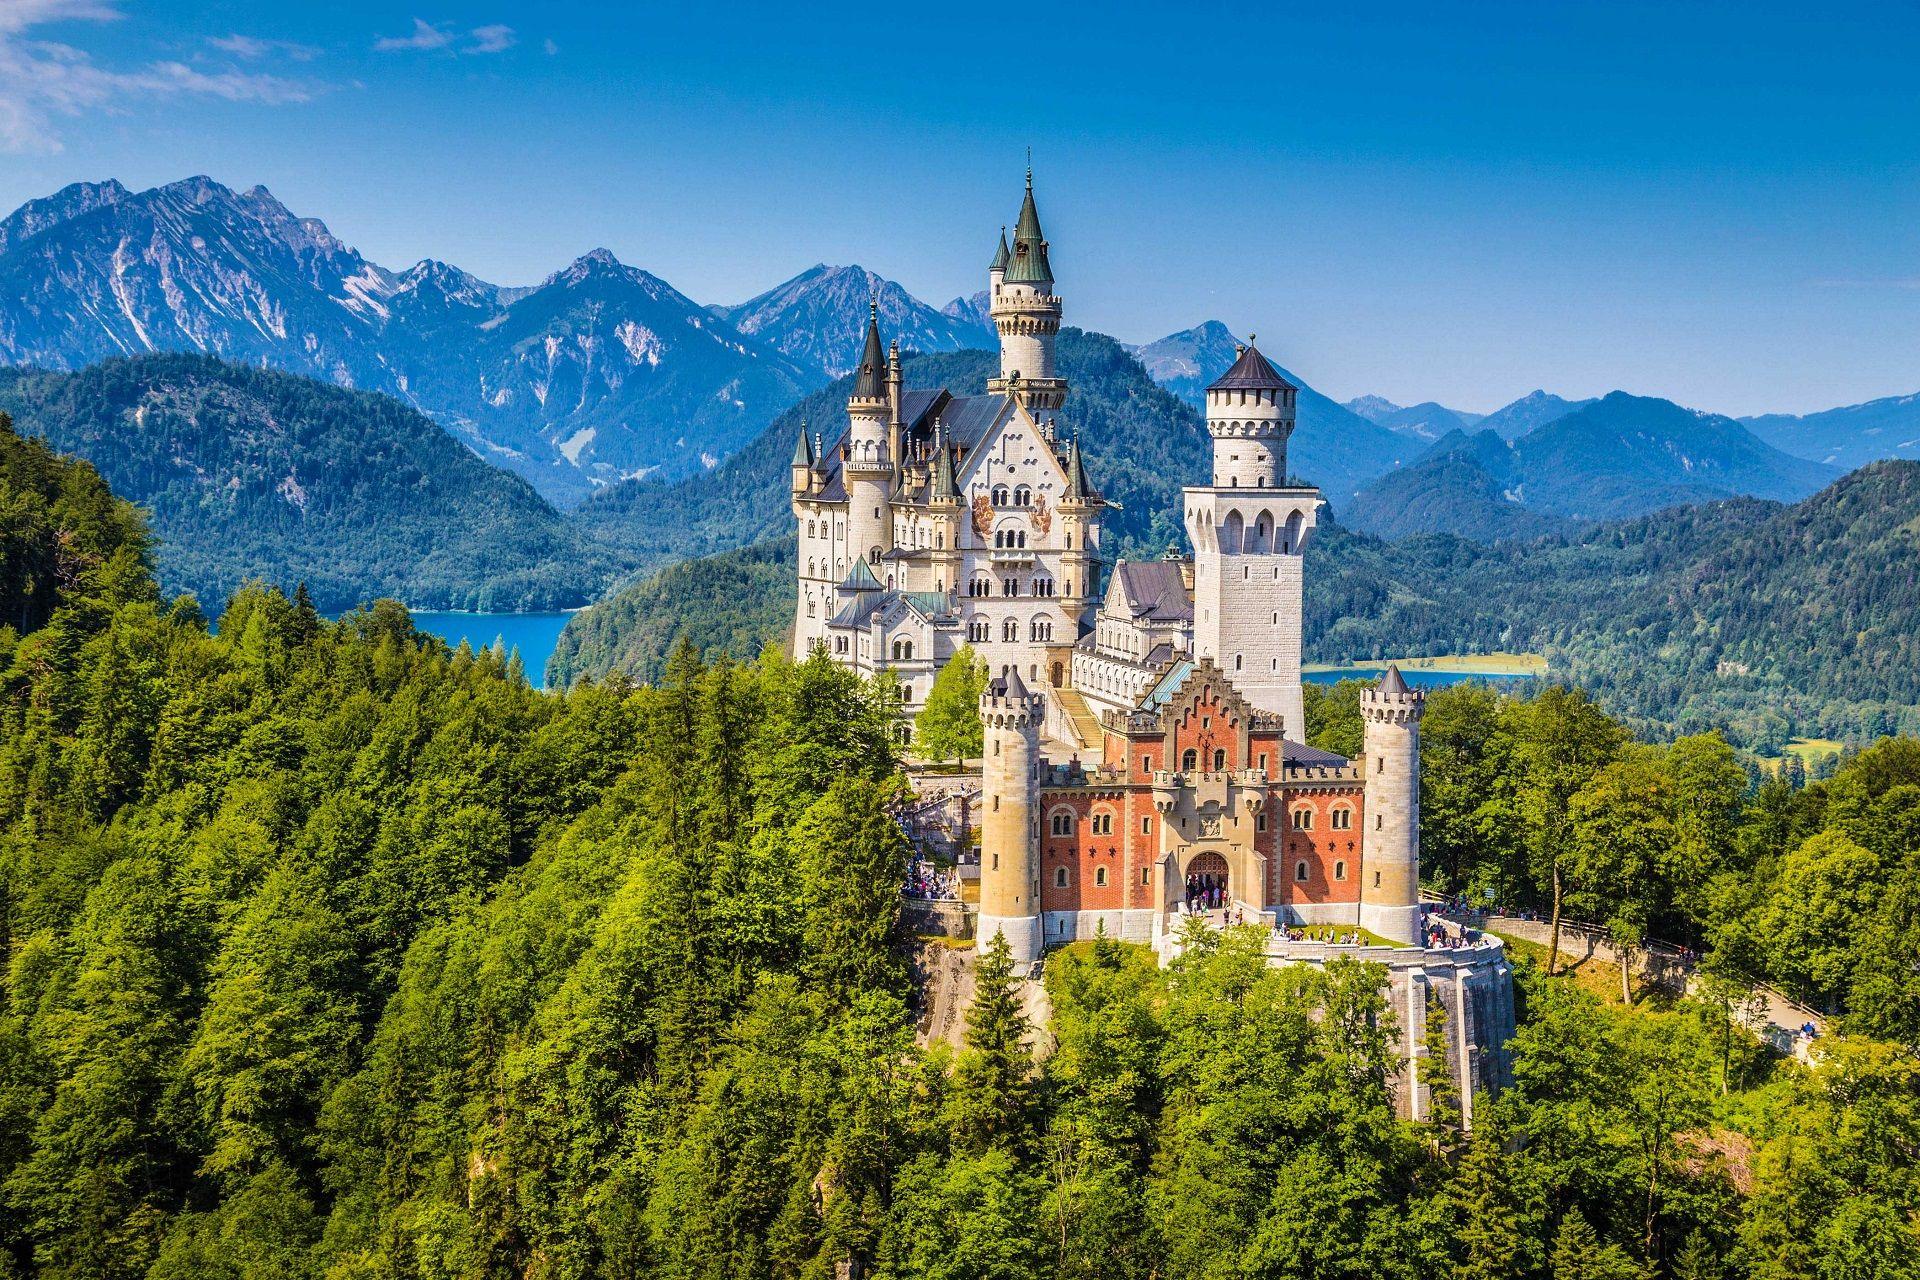 Schloss Neuschwanstein Marchenhaft Urlaubsguru De Deutschland Burgen Urlaub Bayern Schloss Neuschwanstein